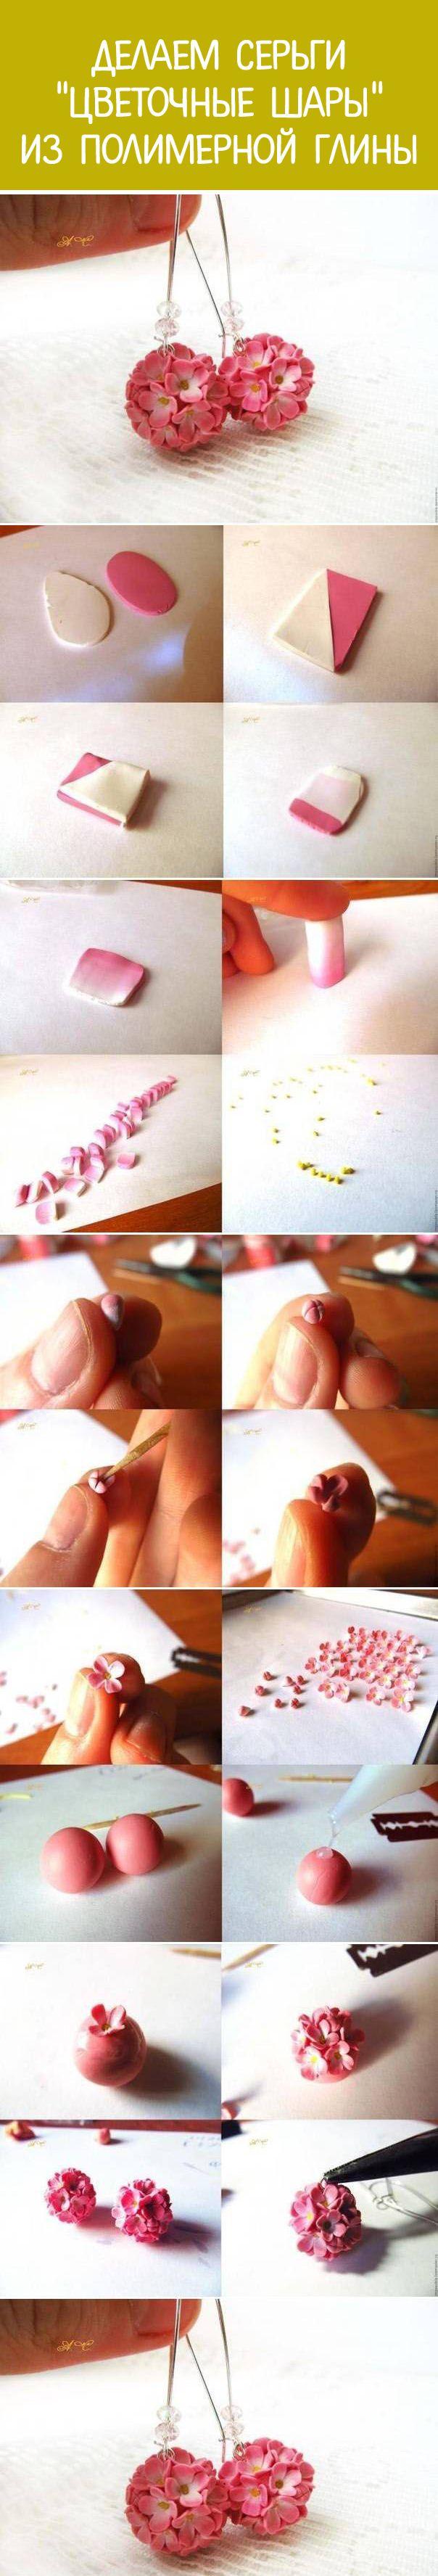 Делаем серьги в виде цветочных шаров из полимерной глины / Polymer clay Flower Balls Tutorial #diy